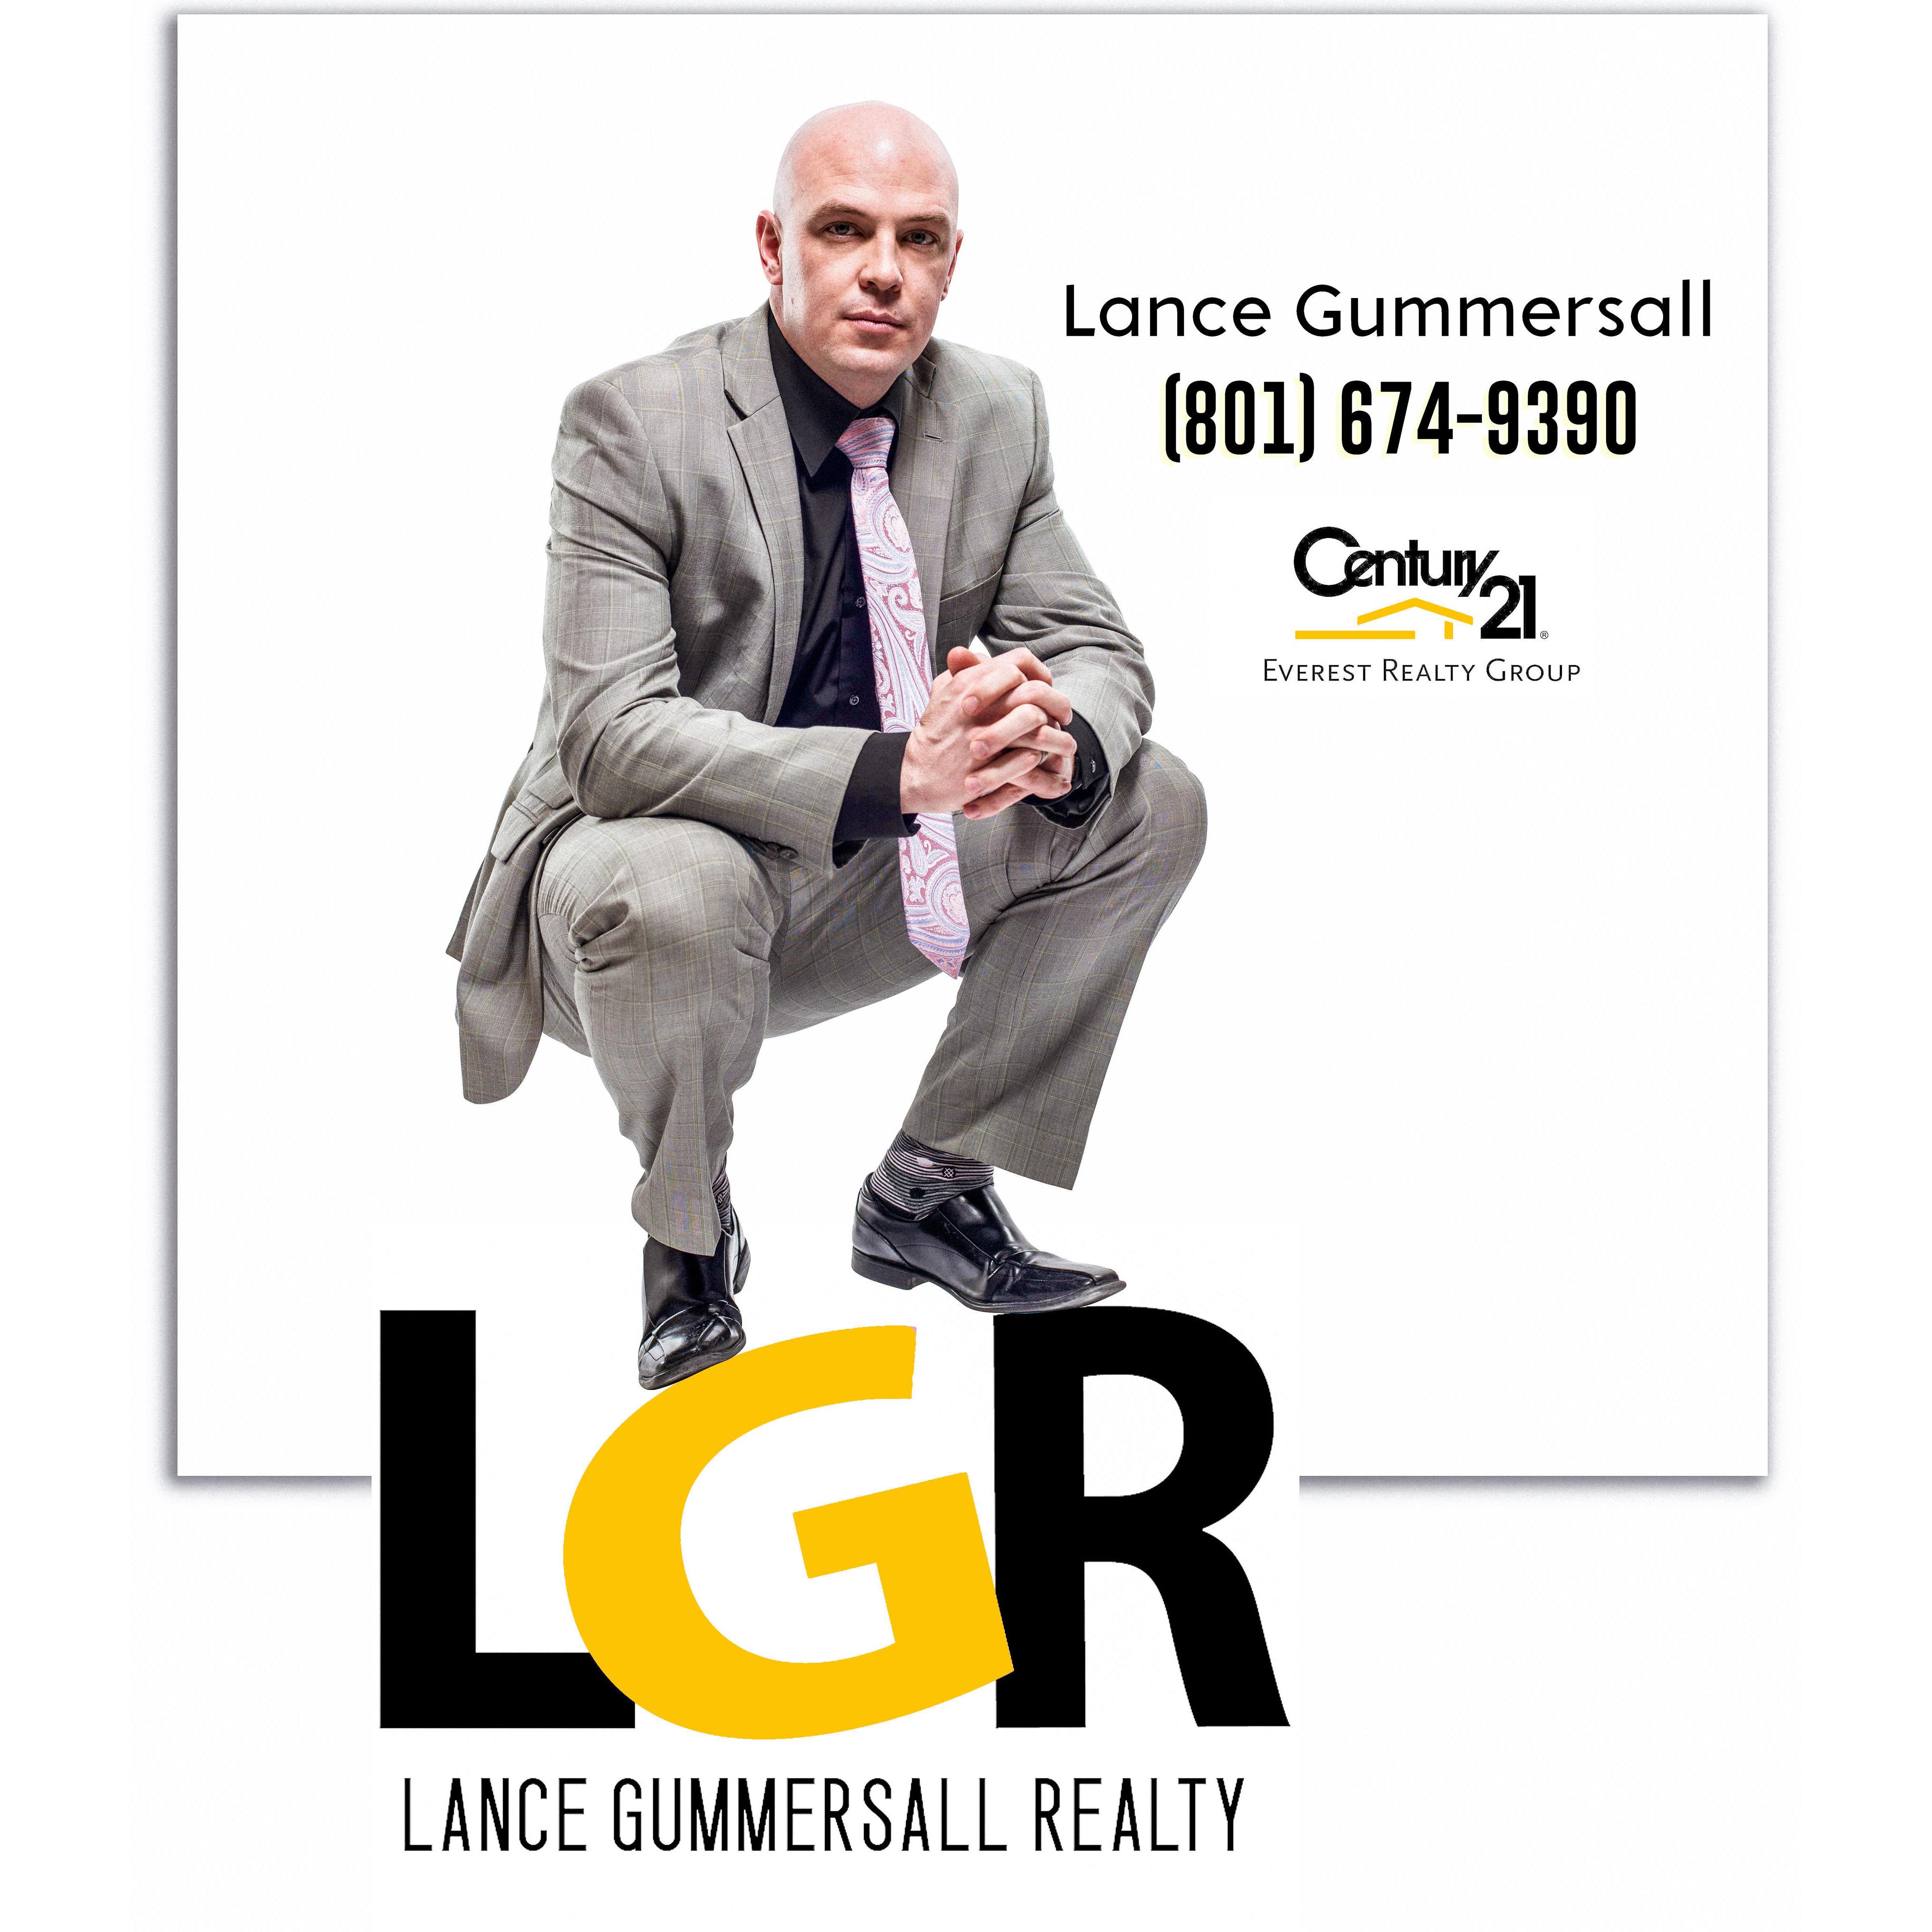 LG Realty